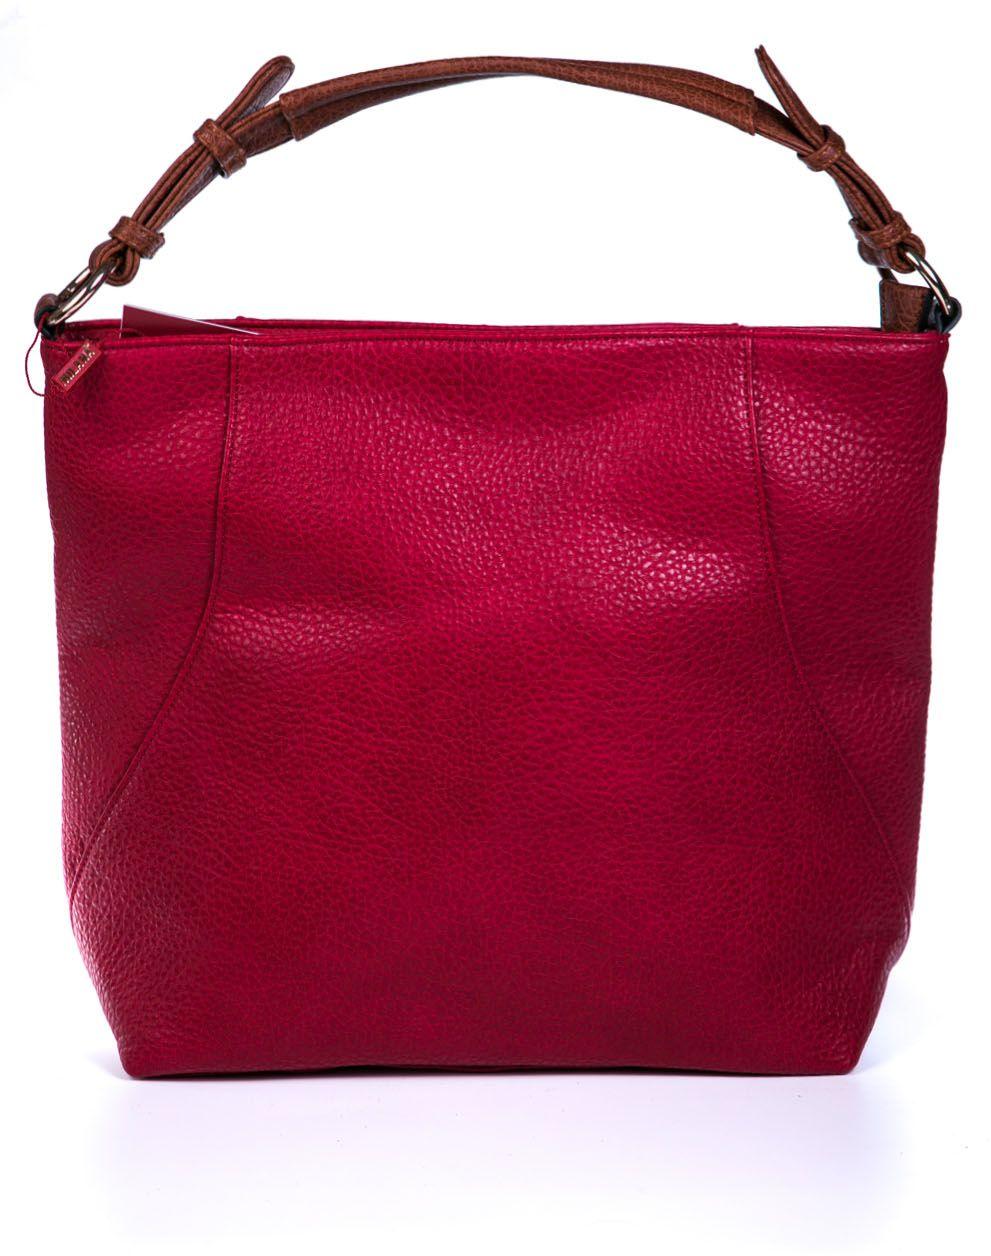 Сумка женская Milana, цвет: красный. 162781-1-140162781-1-140Удобная женская сумка Milana изготовлена из искусственной кожи. Внутренняя подкладка выполнена из искусственного шелка. Сумка закрывается на застежку молнию. Сумка дополнена внутренними вкладышами разных размеров. Внутри имеется одно основное отделение, которое оснащено одним втачным карманом на молнии и двумя накладными открытыми кармашками. Модель оснащена, регулируемой по размеру, ручкой на запястье. Оригинальный аксессуар позволит вам завершить образ и быть неотразимой.